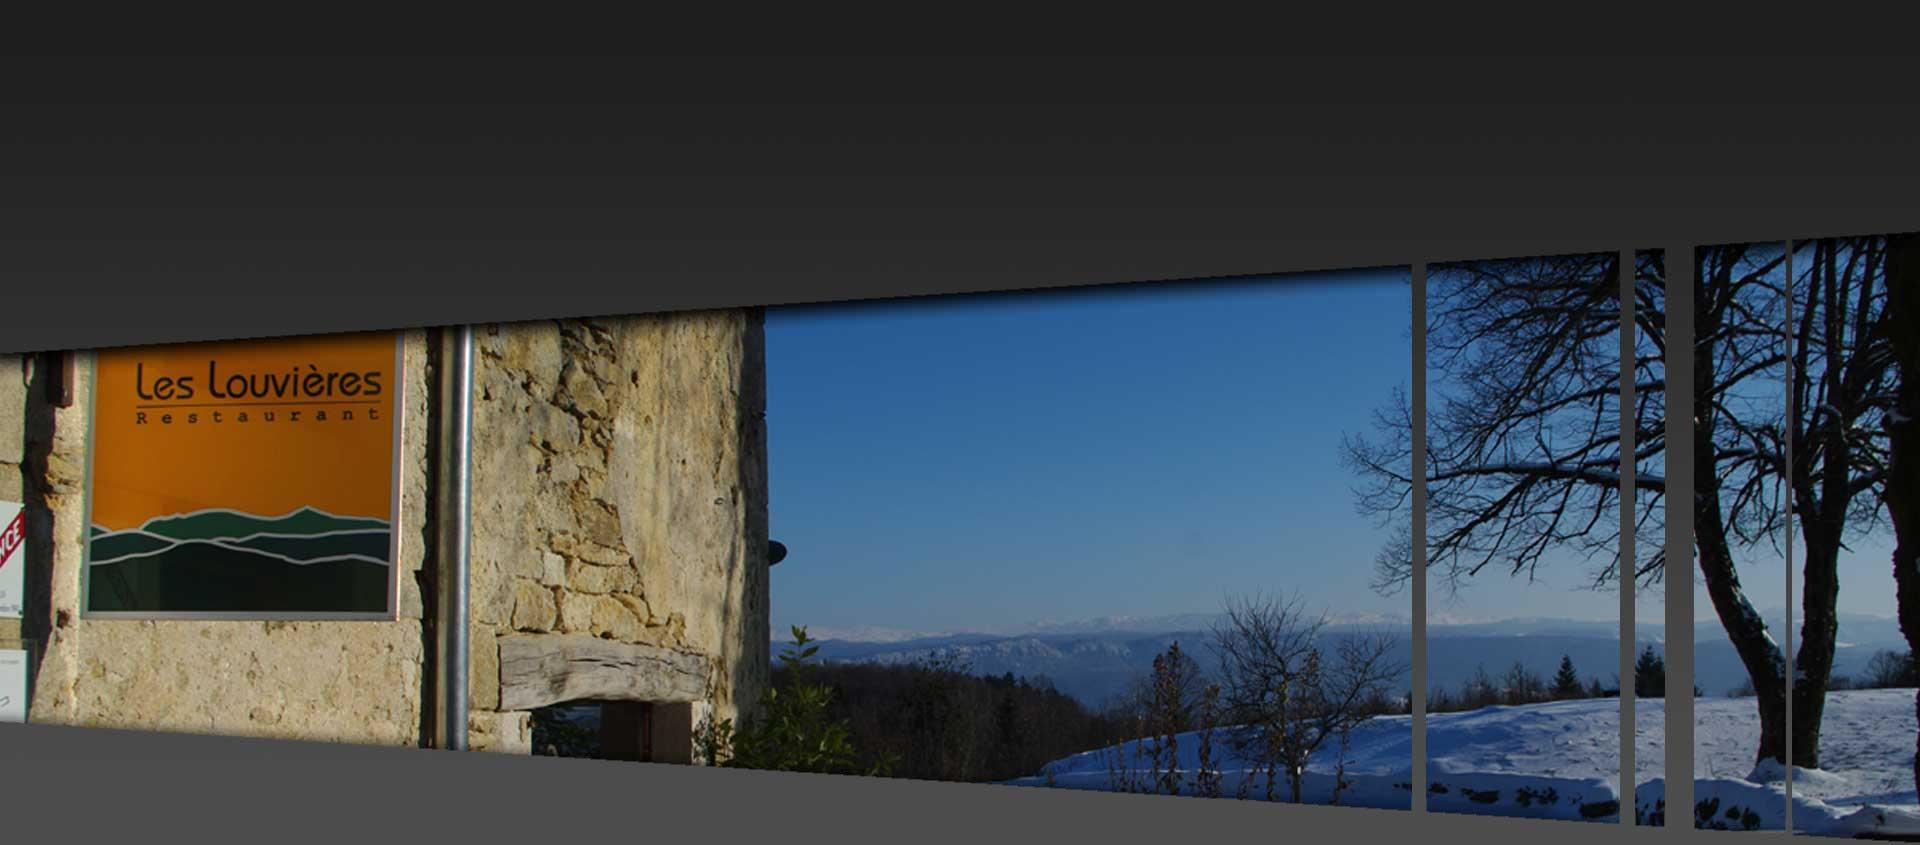 restaurant gastronomique Les Louvieres dans le Jura proche de Oyonnax, Lons Le Saunier et Moirans en Montagne, lac de Vouglans